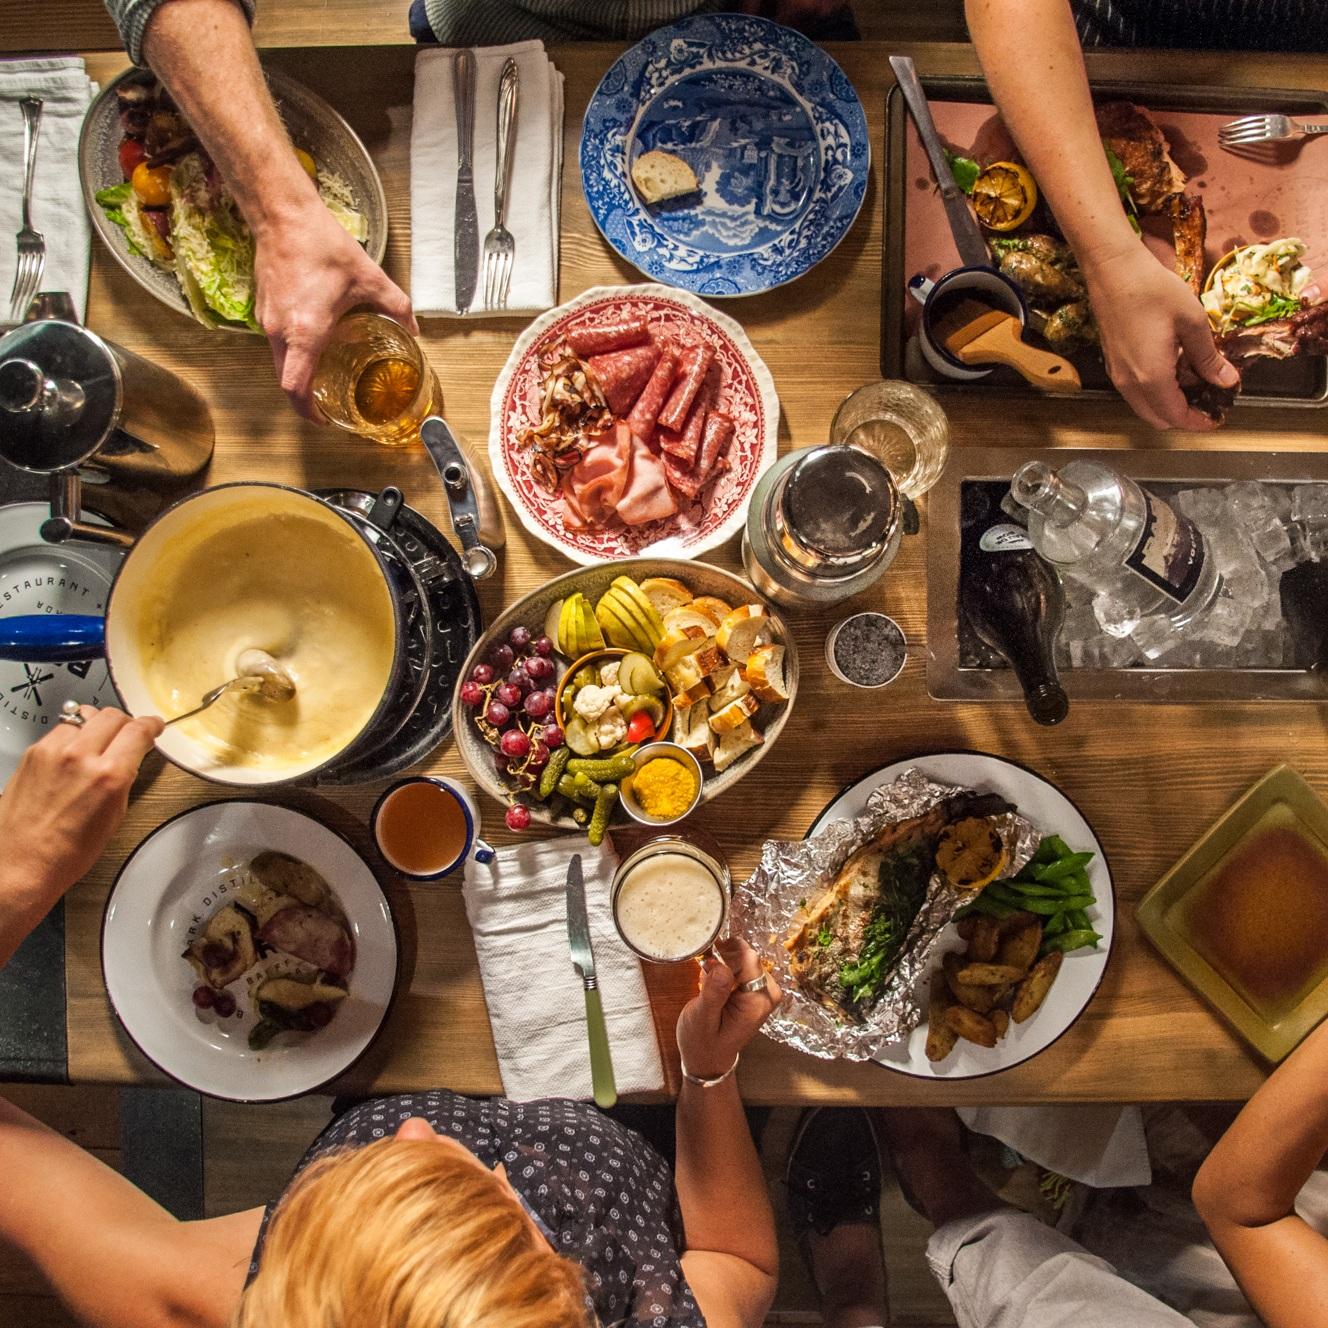 Copy of Feast Table People_Anna Robi Hi.jpg